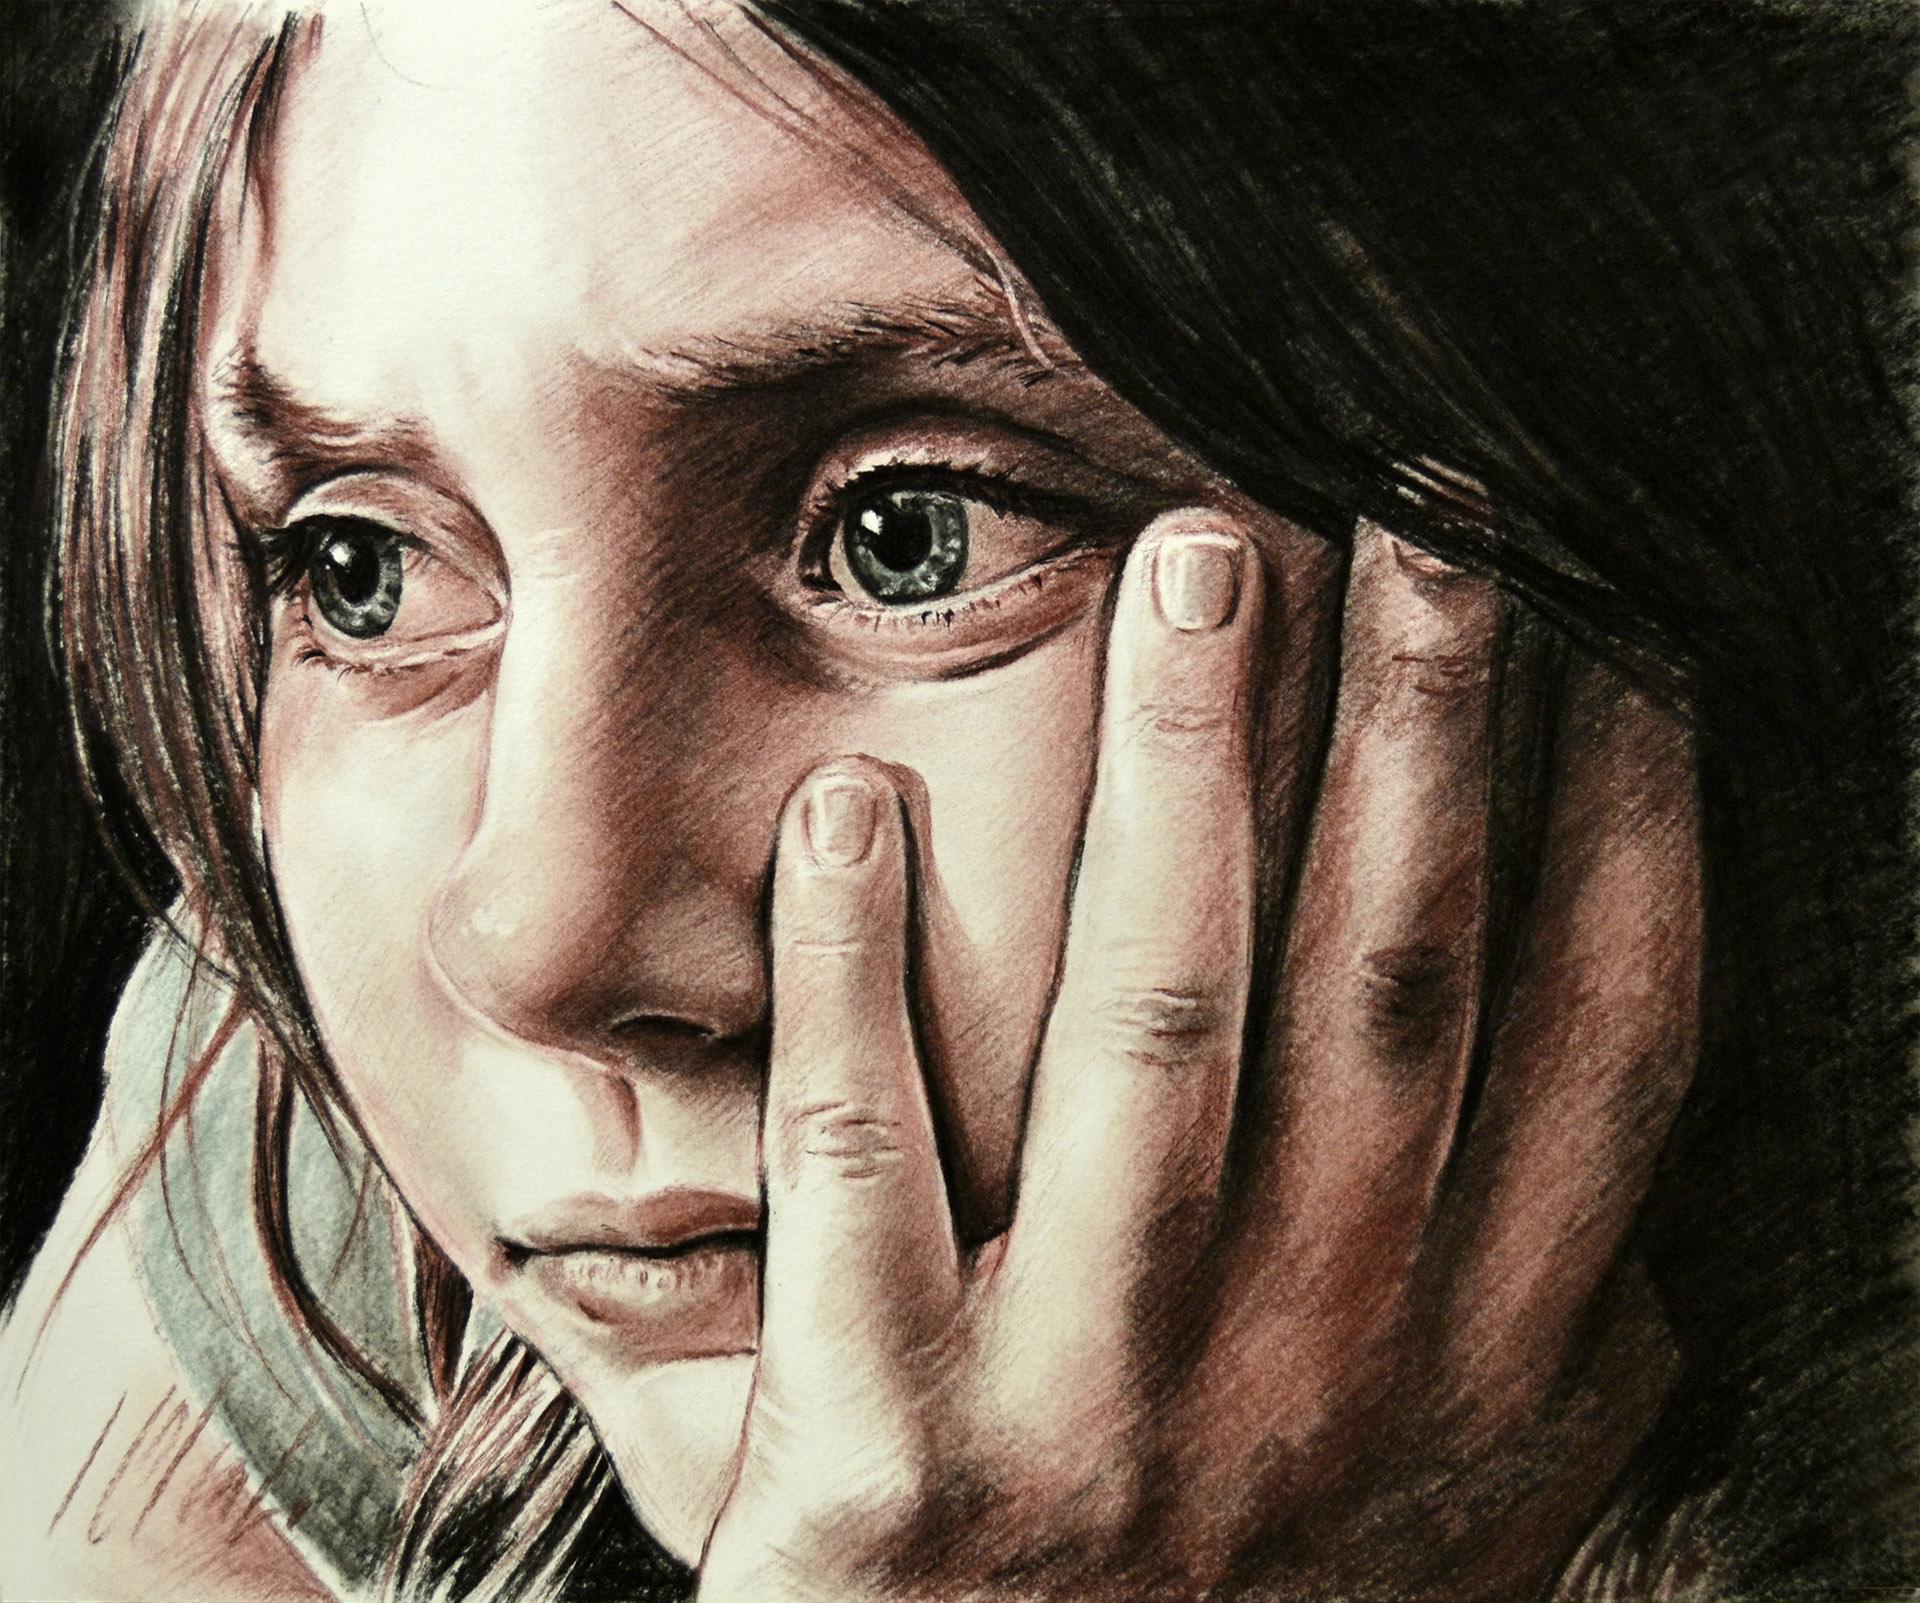 Alba. Retrato en lápices secos, 36,5 x 29,5 cm. Javier Olmedo, año 2019